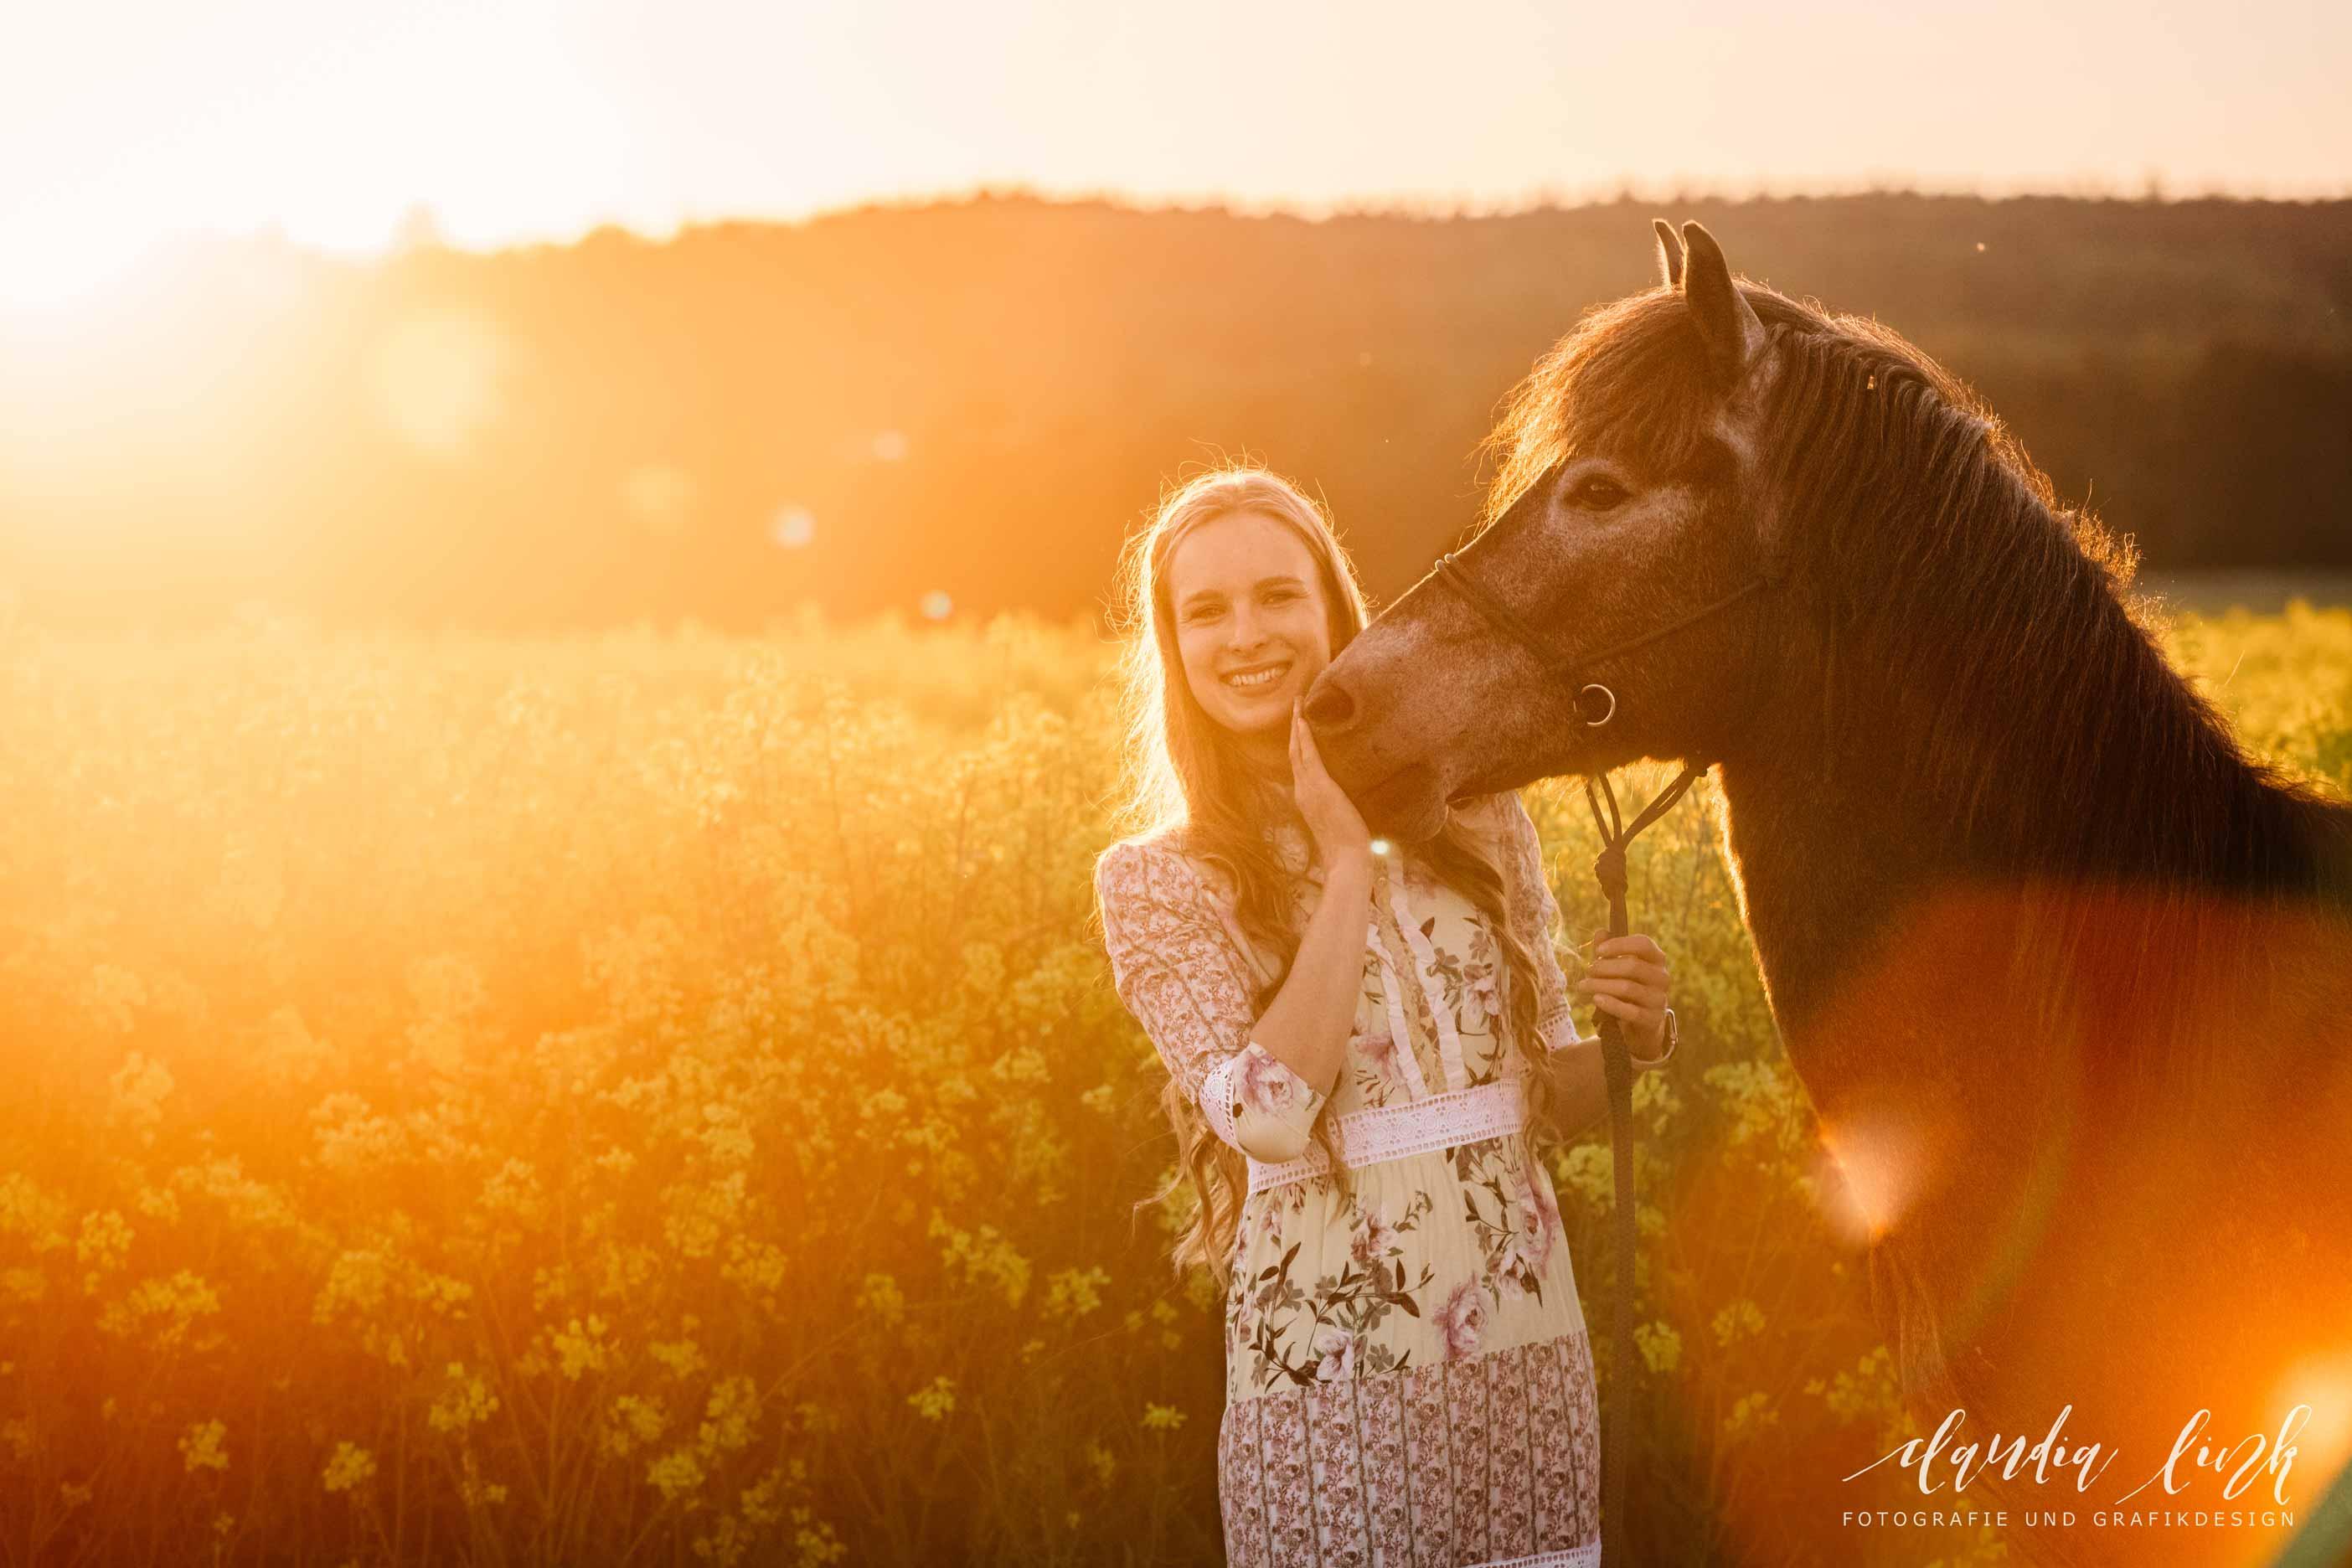 Sommerliches Pferdeshooting bei Sonnenuntergang IMG 8887w